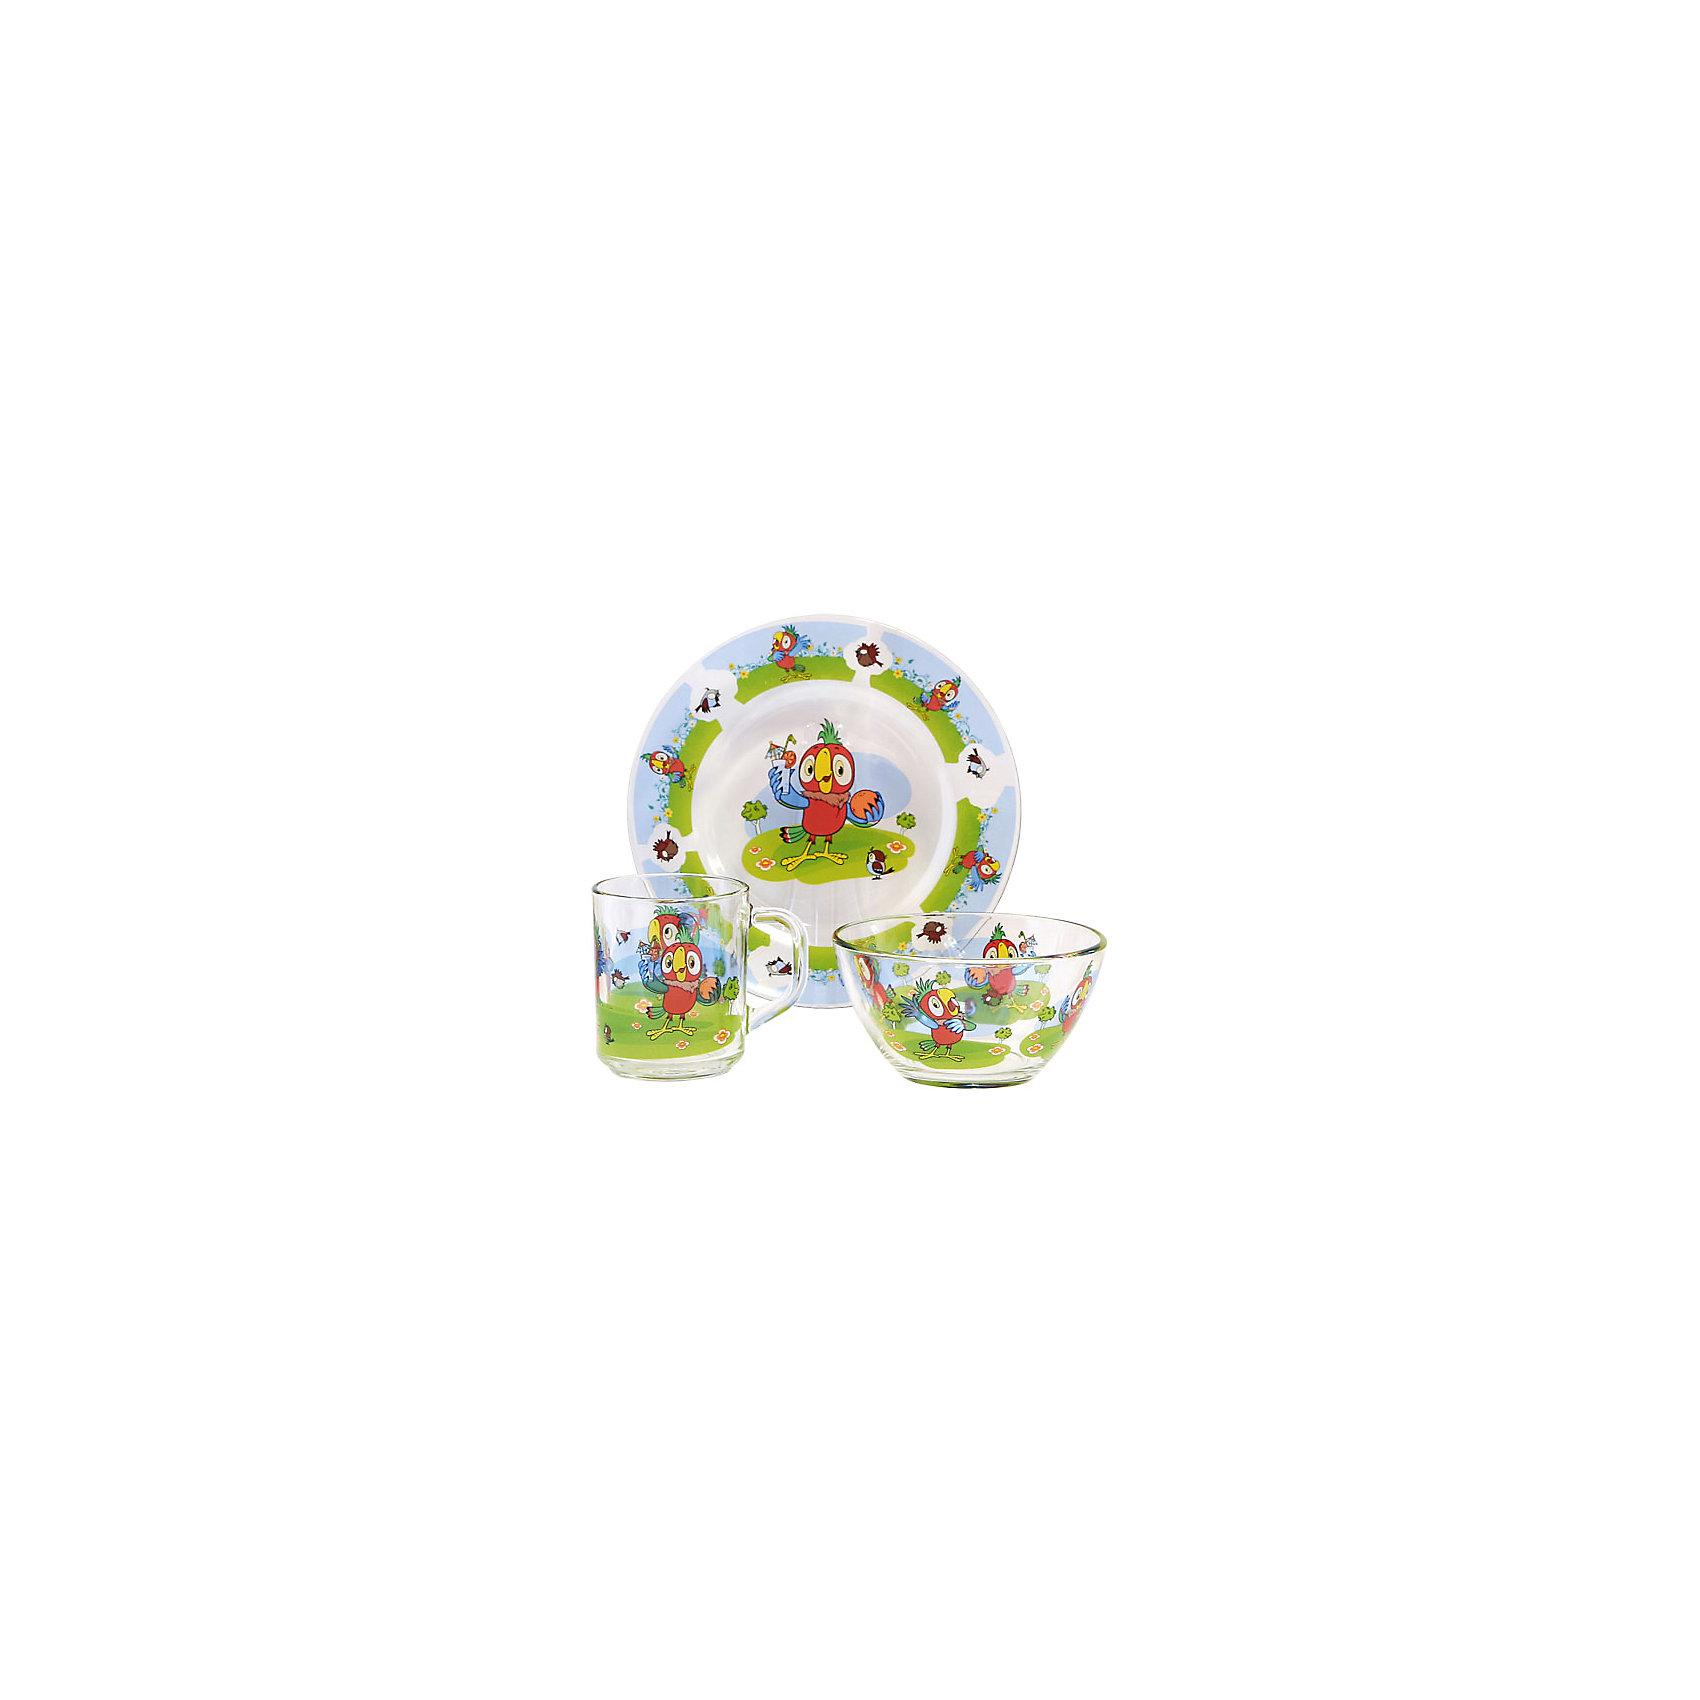 Набор посуды Попугай Кеша (стекло, 3 предмета)Советские мультфильмы<br>Завтракать, обедать, ужинать с любимыми героями - приятнее и вкуснее! Набор посуды с изображением культовых и всем известных персонажей студии Союзмультфильм обязательно понравится детям! Набор состоит из кружки, плоской тарелки и салатника. Кружка среднего размера идеально подойдет для детских рук. Посуда выполнена из ударопрочного стекла, раскрашена стойкими гипоаллергенными красителями безопасными для детей. Яркий набор посуды станет прекрасным подарком на любой праздник. <br><br>Дополнительная информация:<br><br>- Материал: стекло.<br>- Комплектация, 3 предмета: кружка, салатник, плоская тарелка. <br>- Размер: салатник, d - 13 см, тарелка, d - 20 см.<br>- Объем кружки: 200 мл.<br>- Размер упаковки: 20х20х10 см.<br>- Можно мыть в посудомоечной машине.<br><br>Набор посуды Попугай Кеша (стекло, 3 предмета), можно купить в нашем магазине.<br><br>Ширина мм: 200<br>Глубина мм: 200<br>Высота мм: 95<br>Вес г: 930<br>Возраст от месяцев: 36<br>Возраст до месяцев: 108<br>Пол: Унисекс<br>Возраст: Детский<br>SKU: 4536285